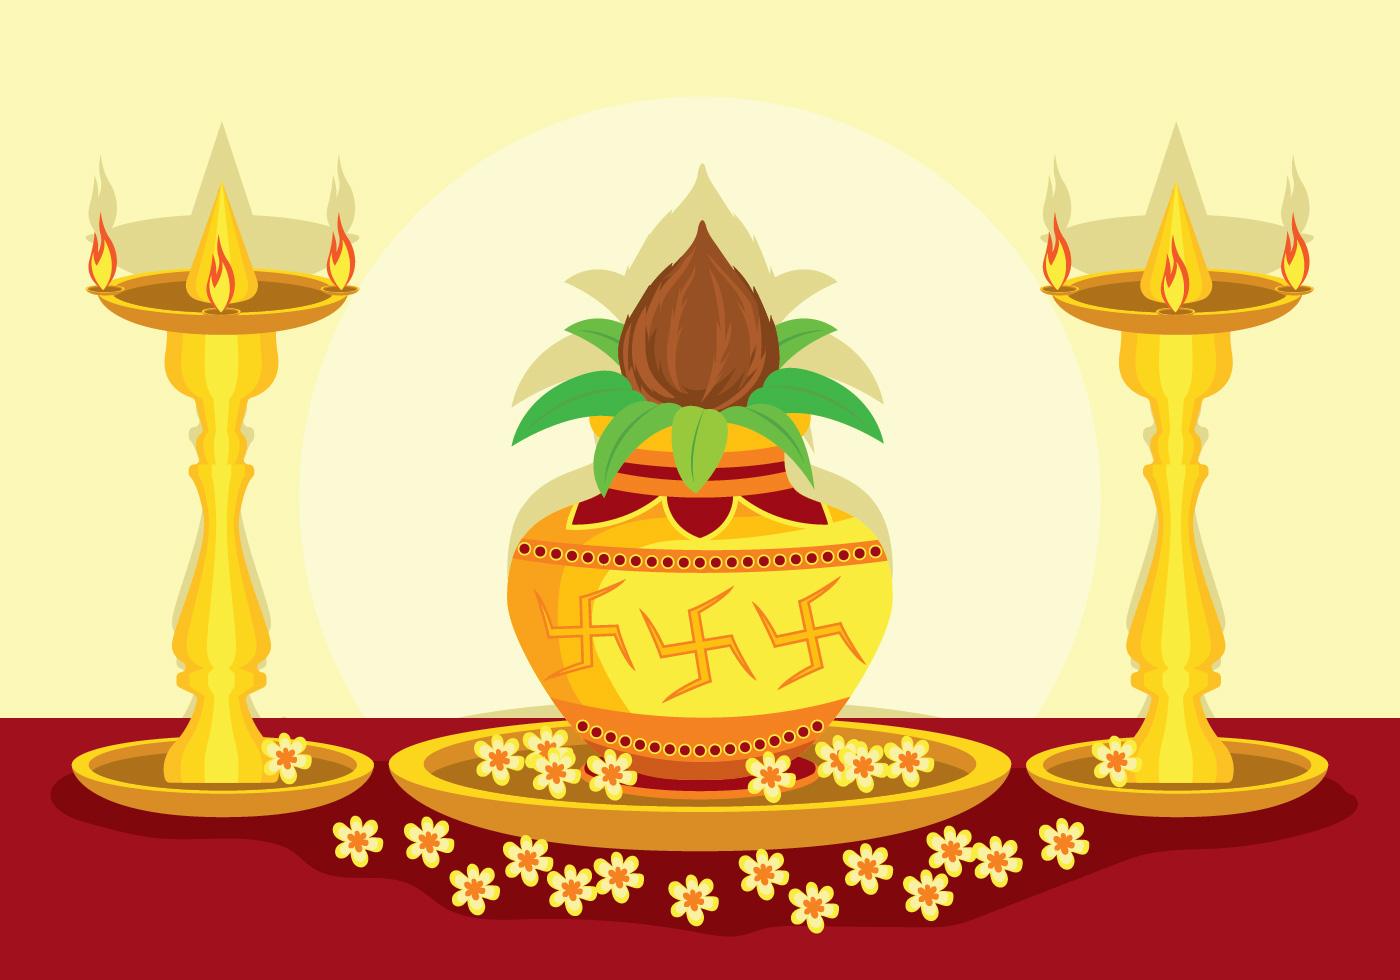 Hindu Card Wedding